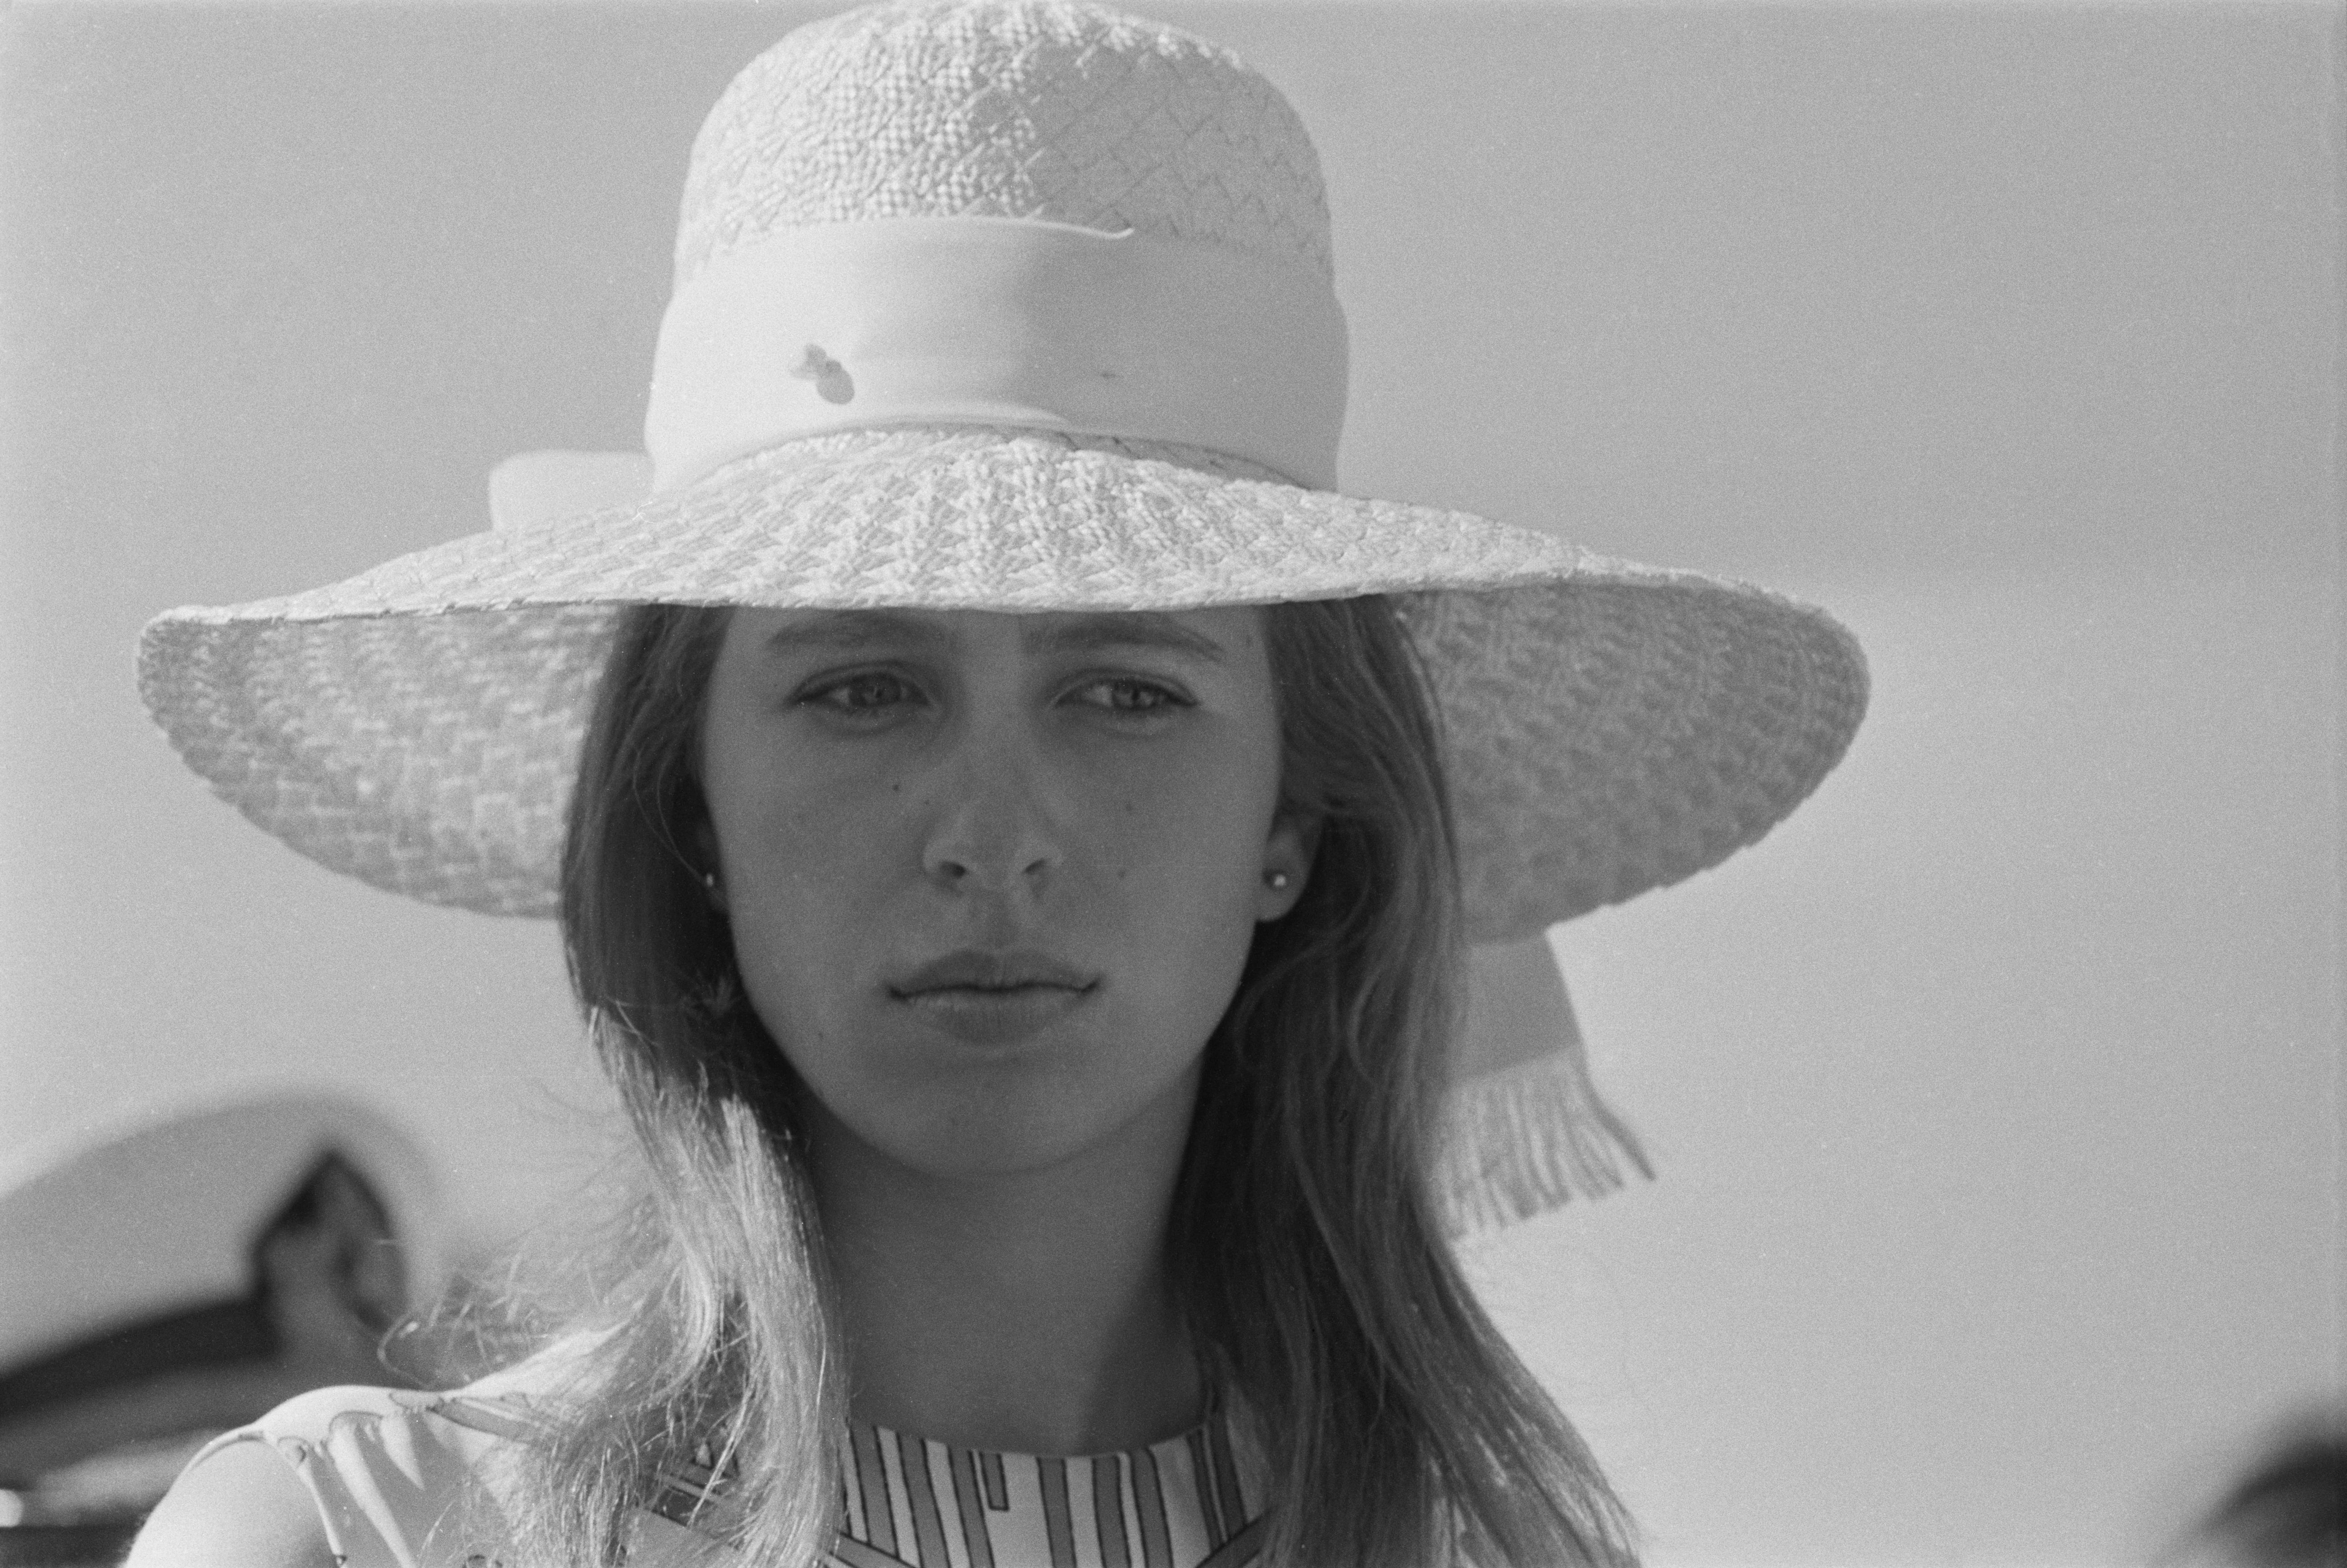 Ан Елизабет Алис Луиз Уиндзор, родена на 15 август 1950 година. Принцесата поема повече от 500 публични ангажимента на година и въпреки понякога странното си поведение,тя е един от най-възхитителните членове на Кралското семейство.